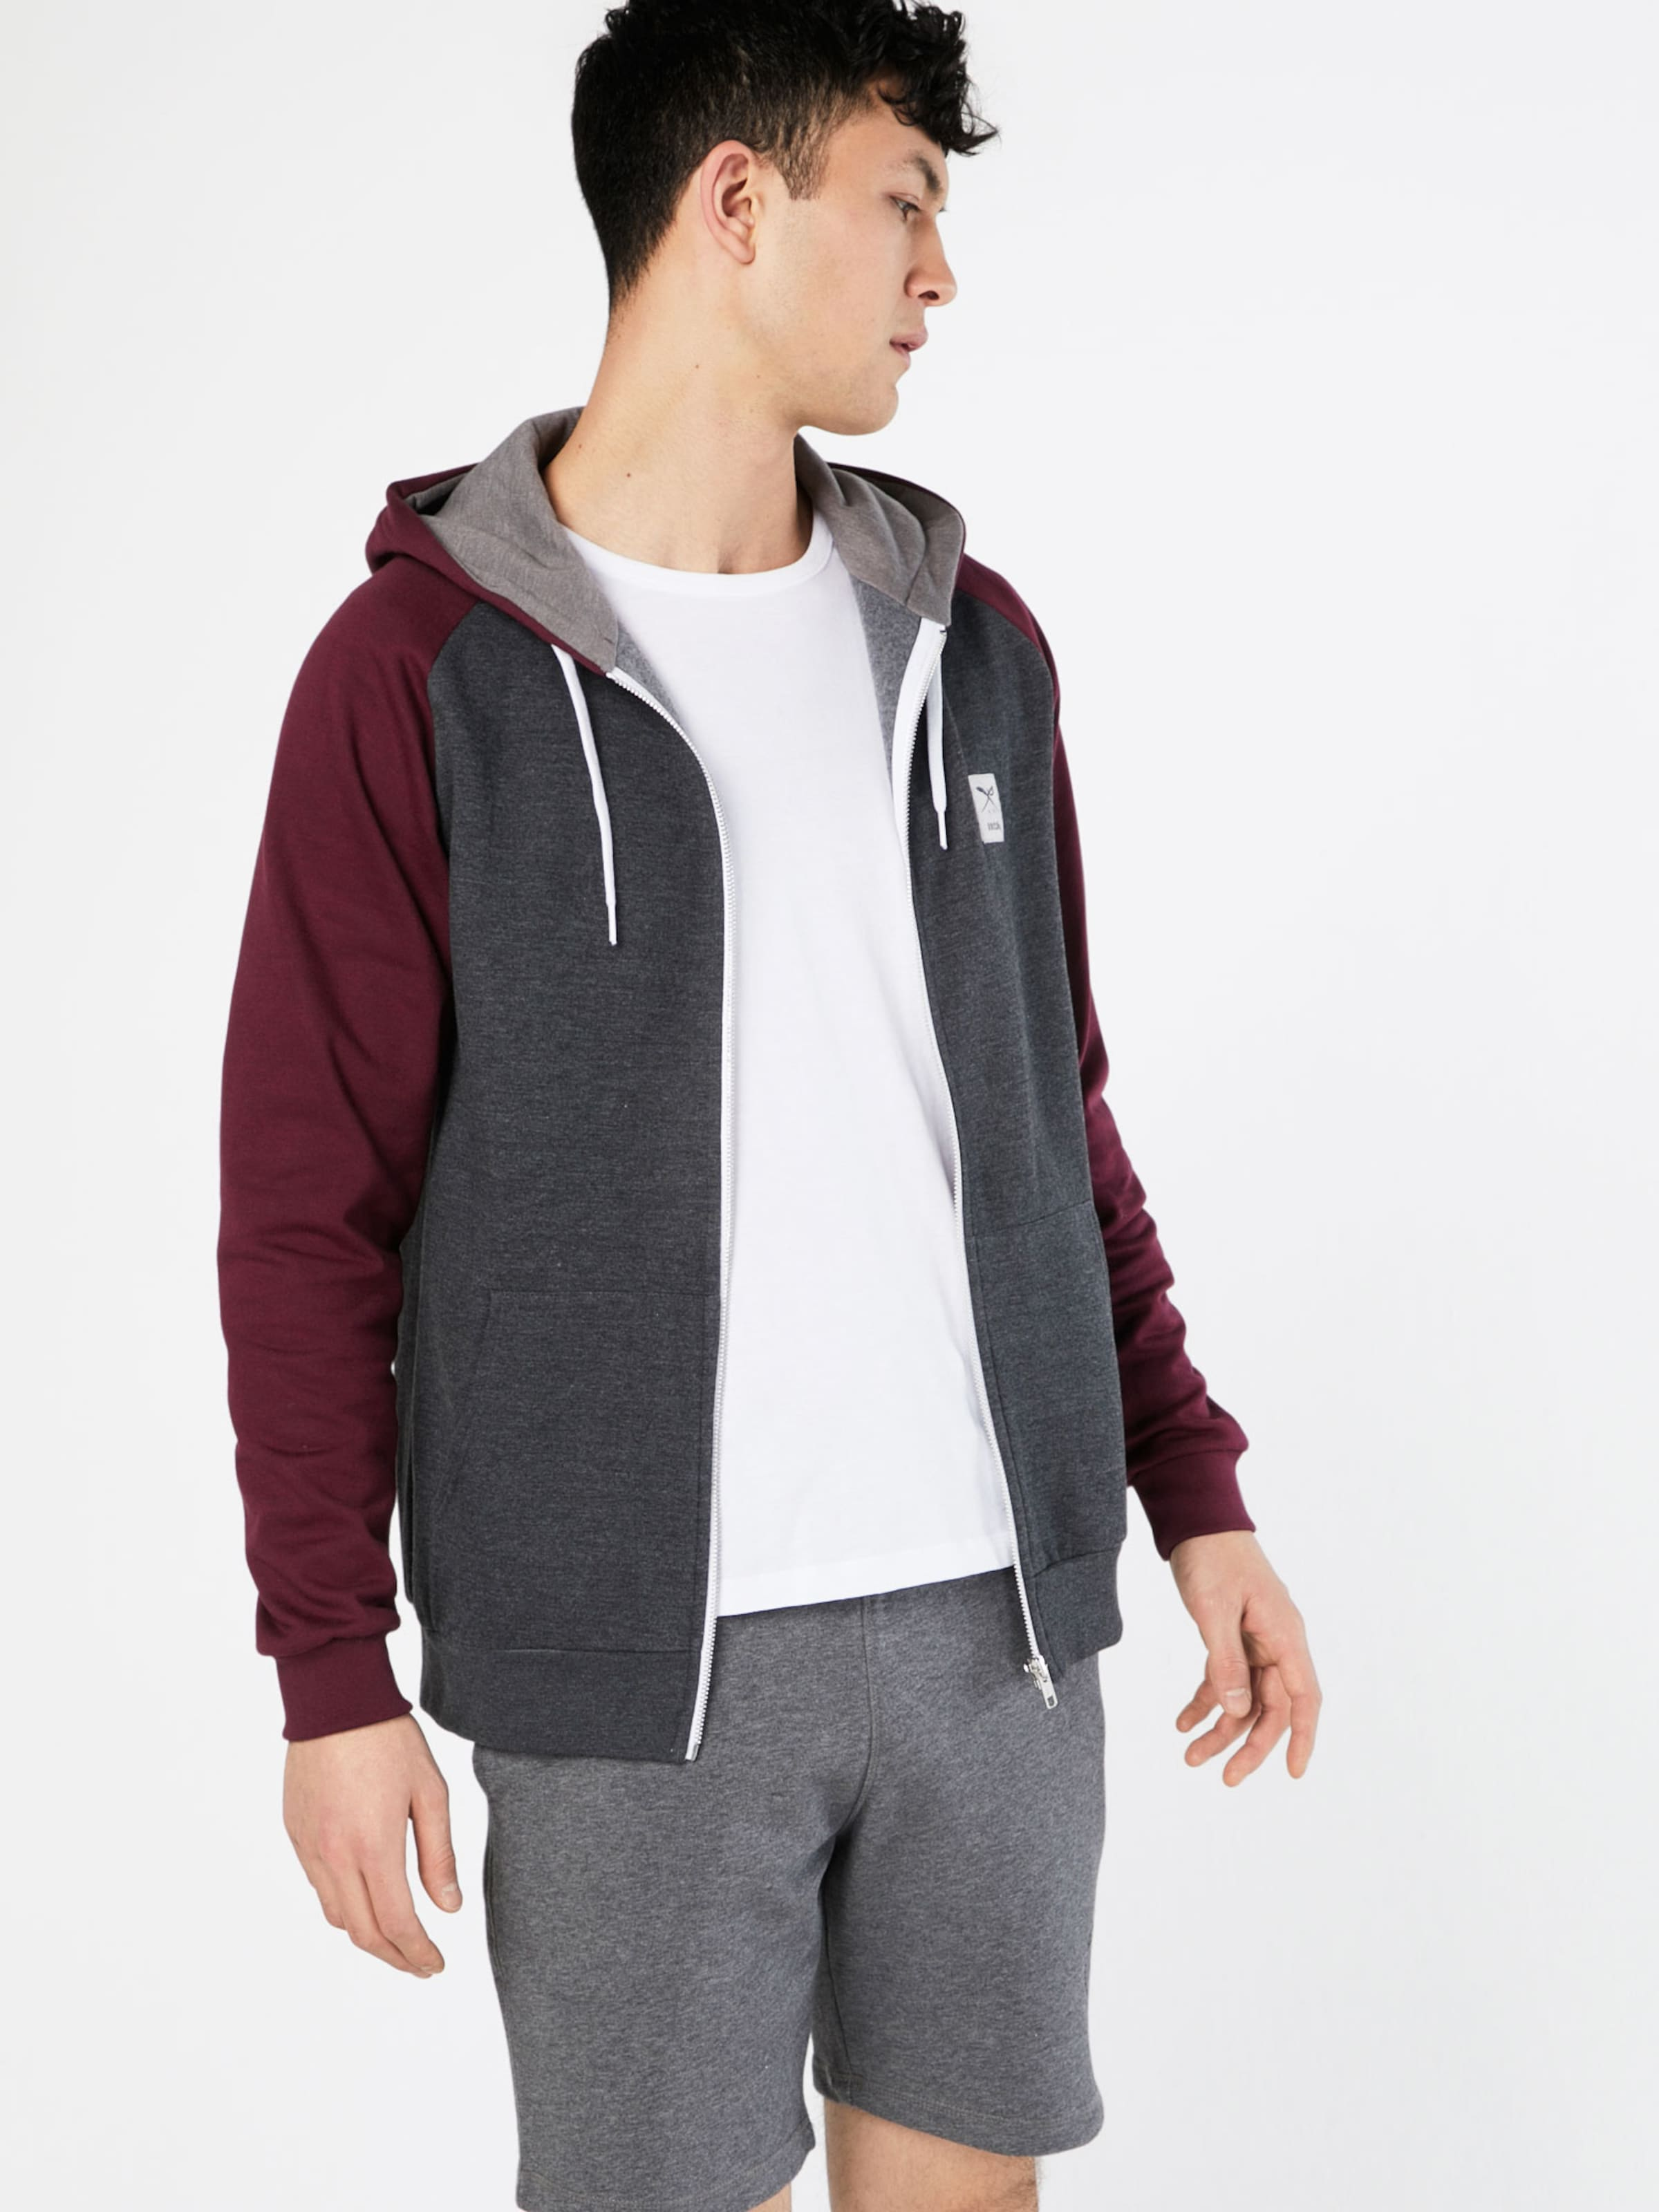 Iriedaily Sweatshirt 'De College' Spielraum Online Ebay Rabatt Footlocker Preiswerte Reale Finish 7UzRrVg